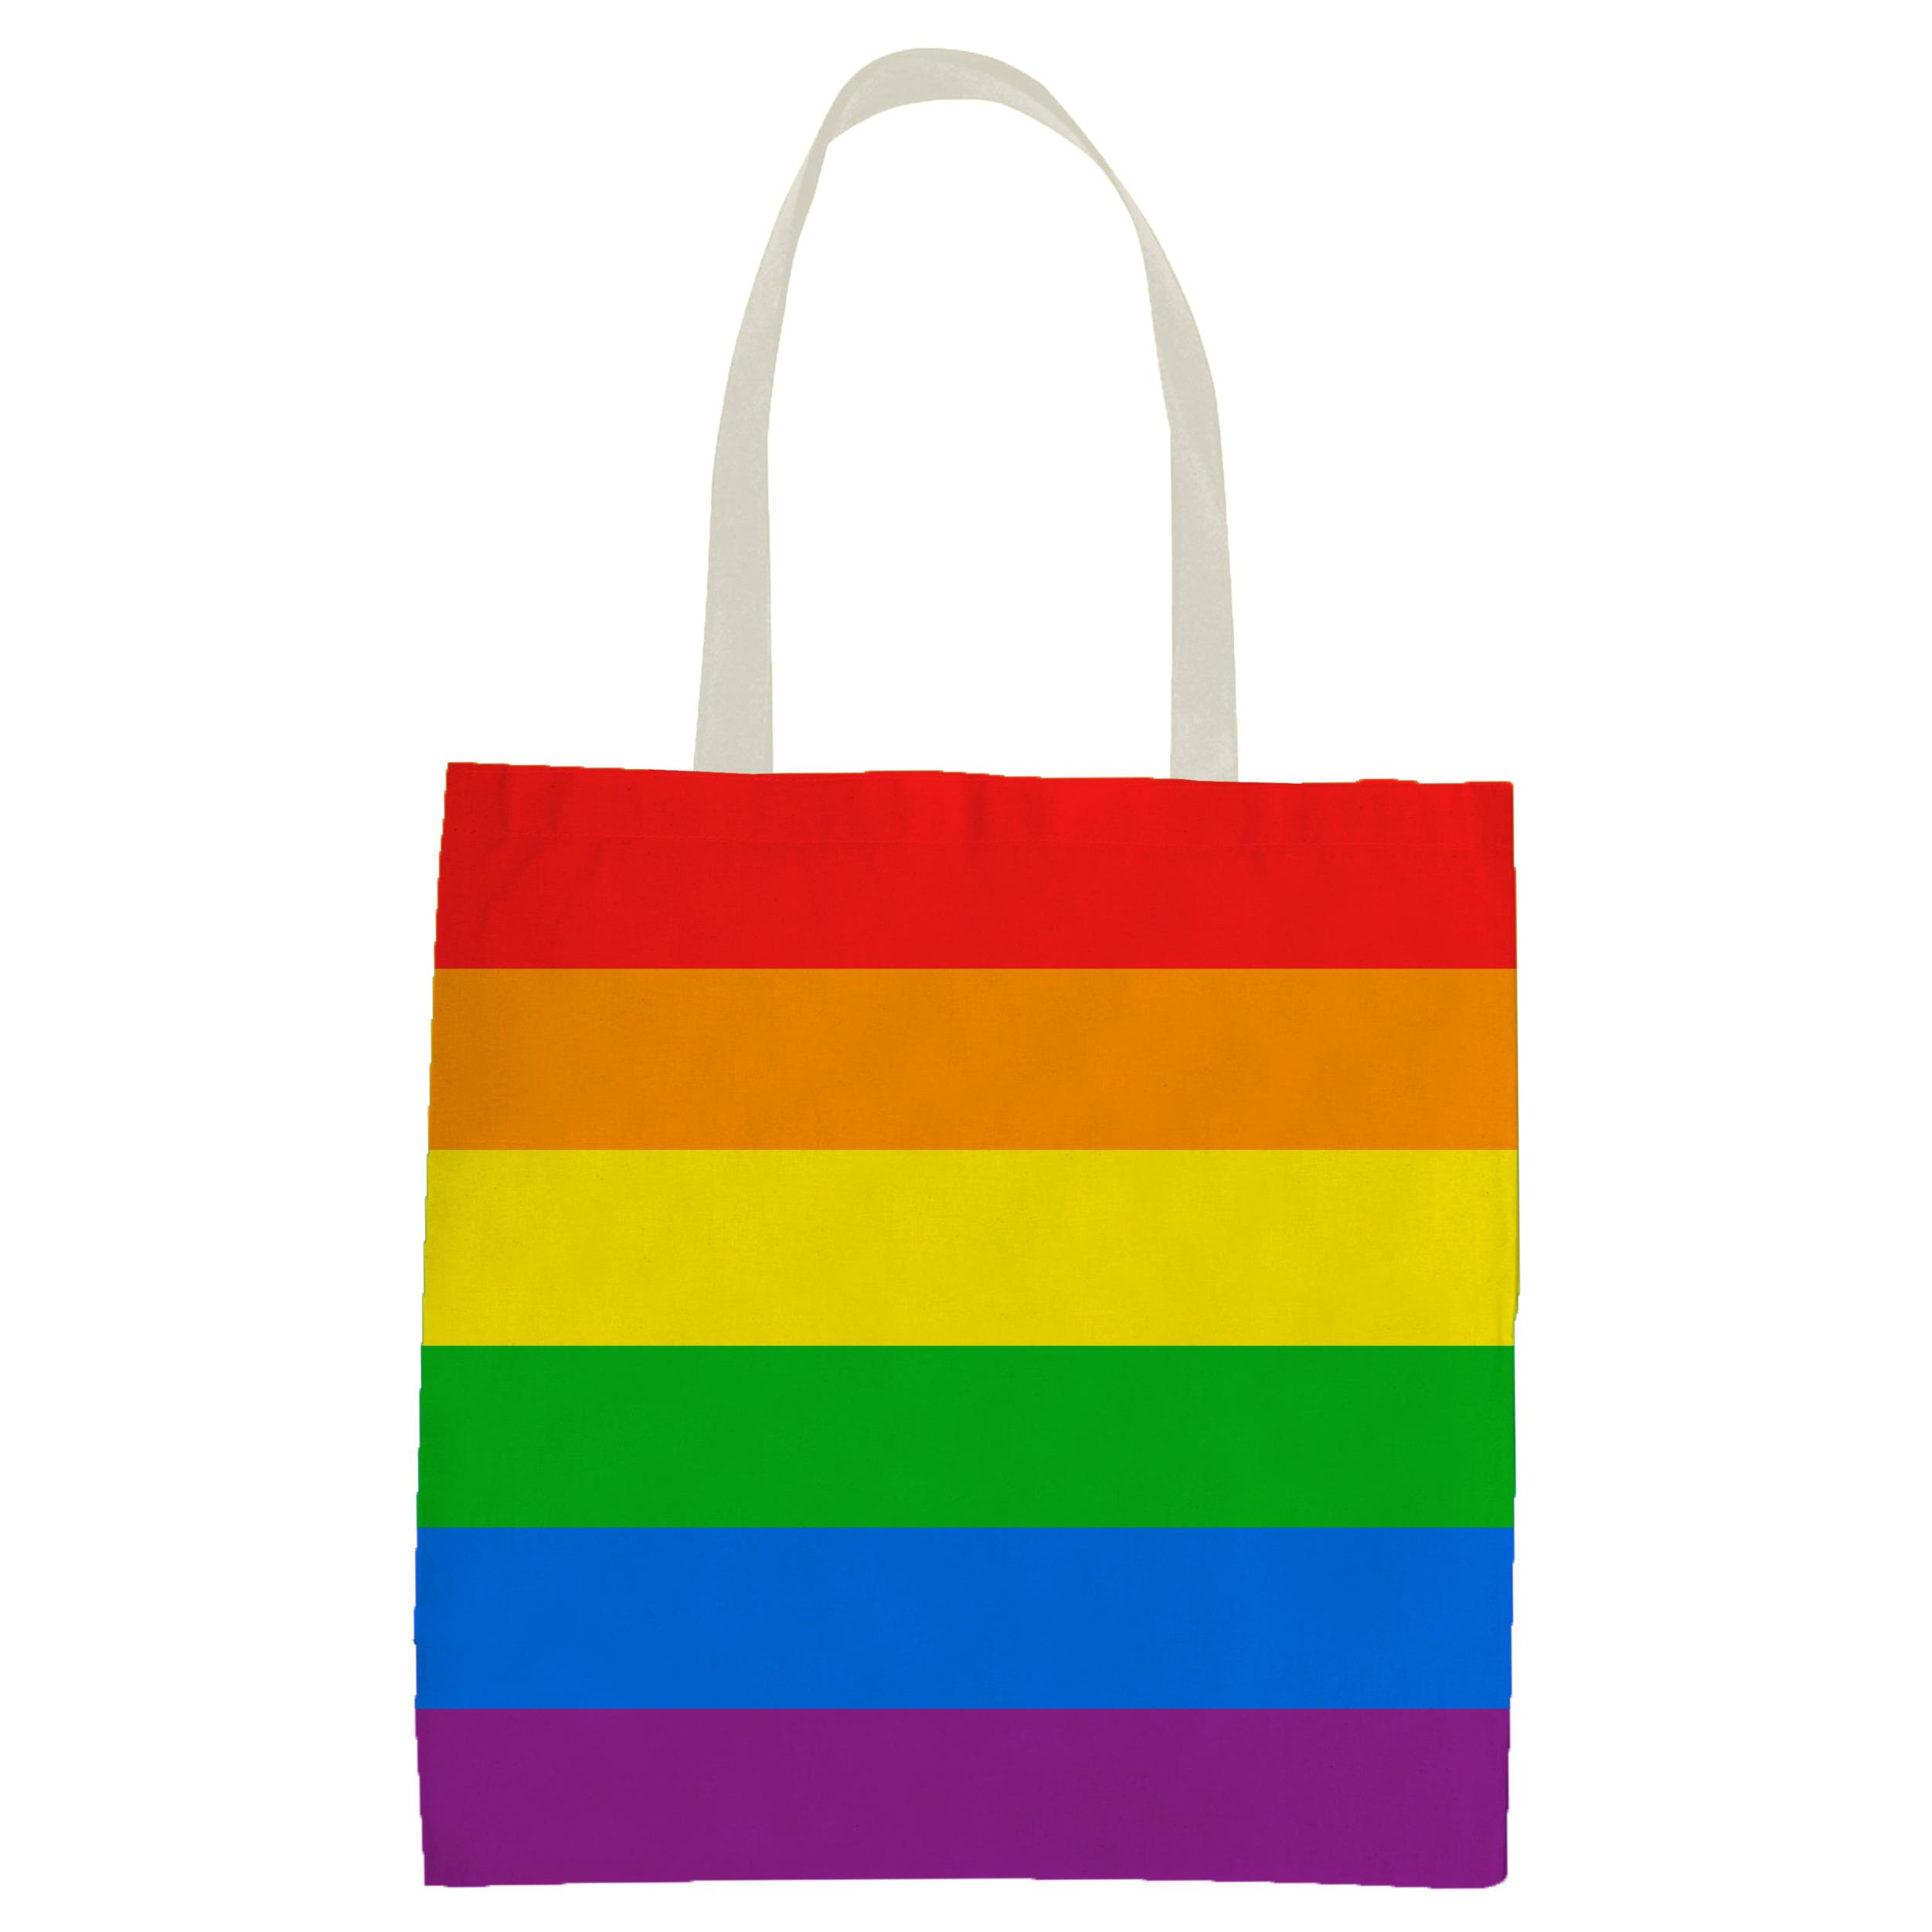 1x Polyester boodschappentasje/shopper regenboog/rainbow/pride vlag voor volwassenen en kids